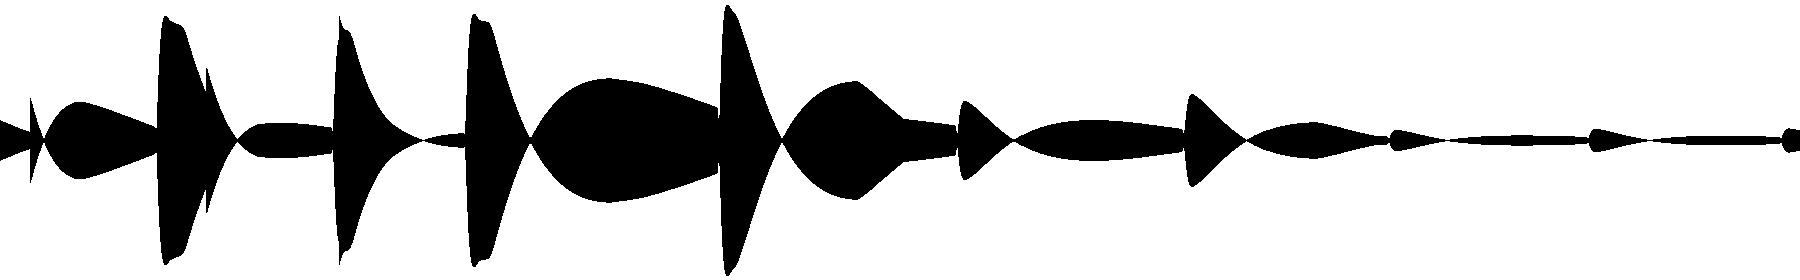 biab glitchhop glitch 4